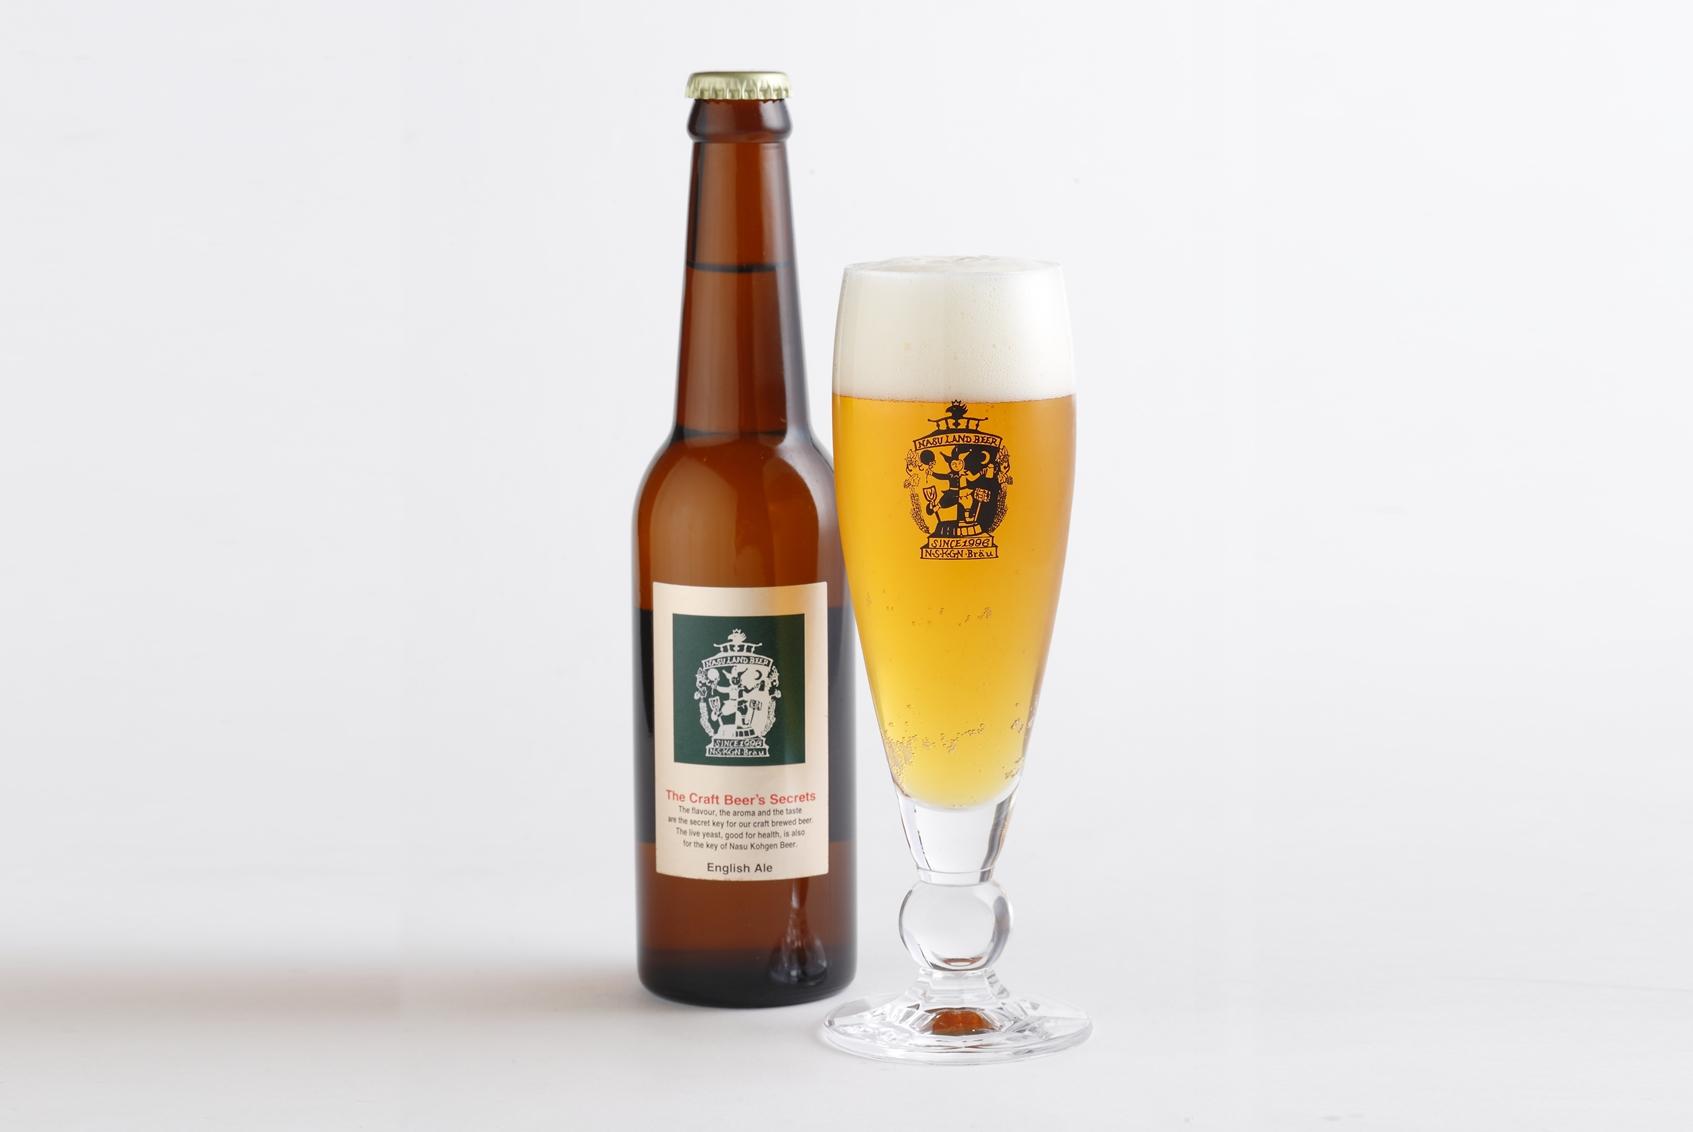 【DREAMBEERで飲めるビール】ホップの香りと麦芽のバランスがとても良い『イングリッシュエール』